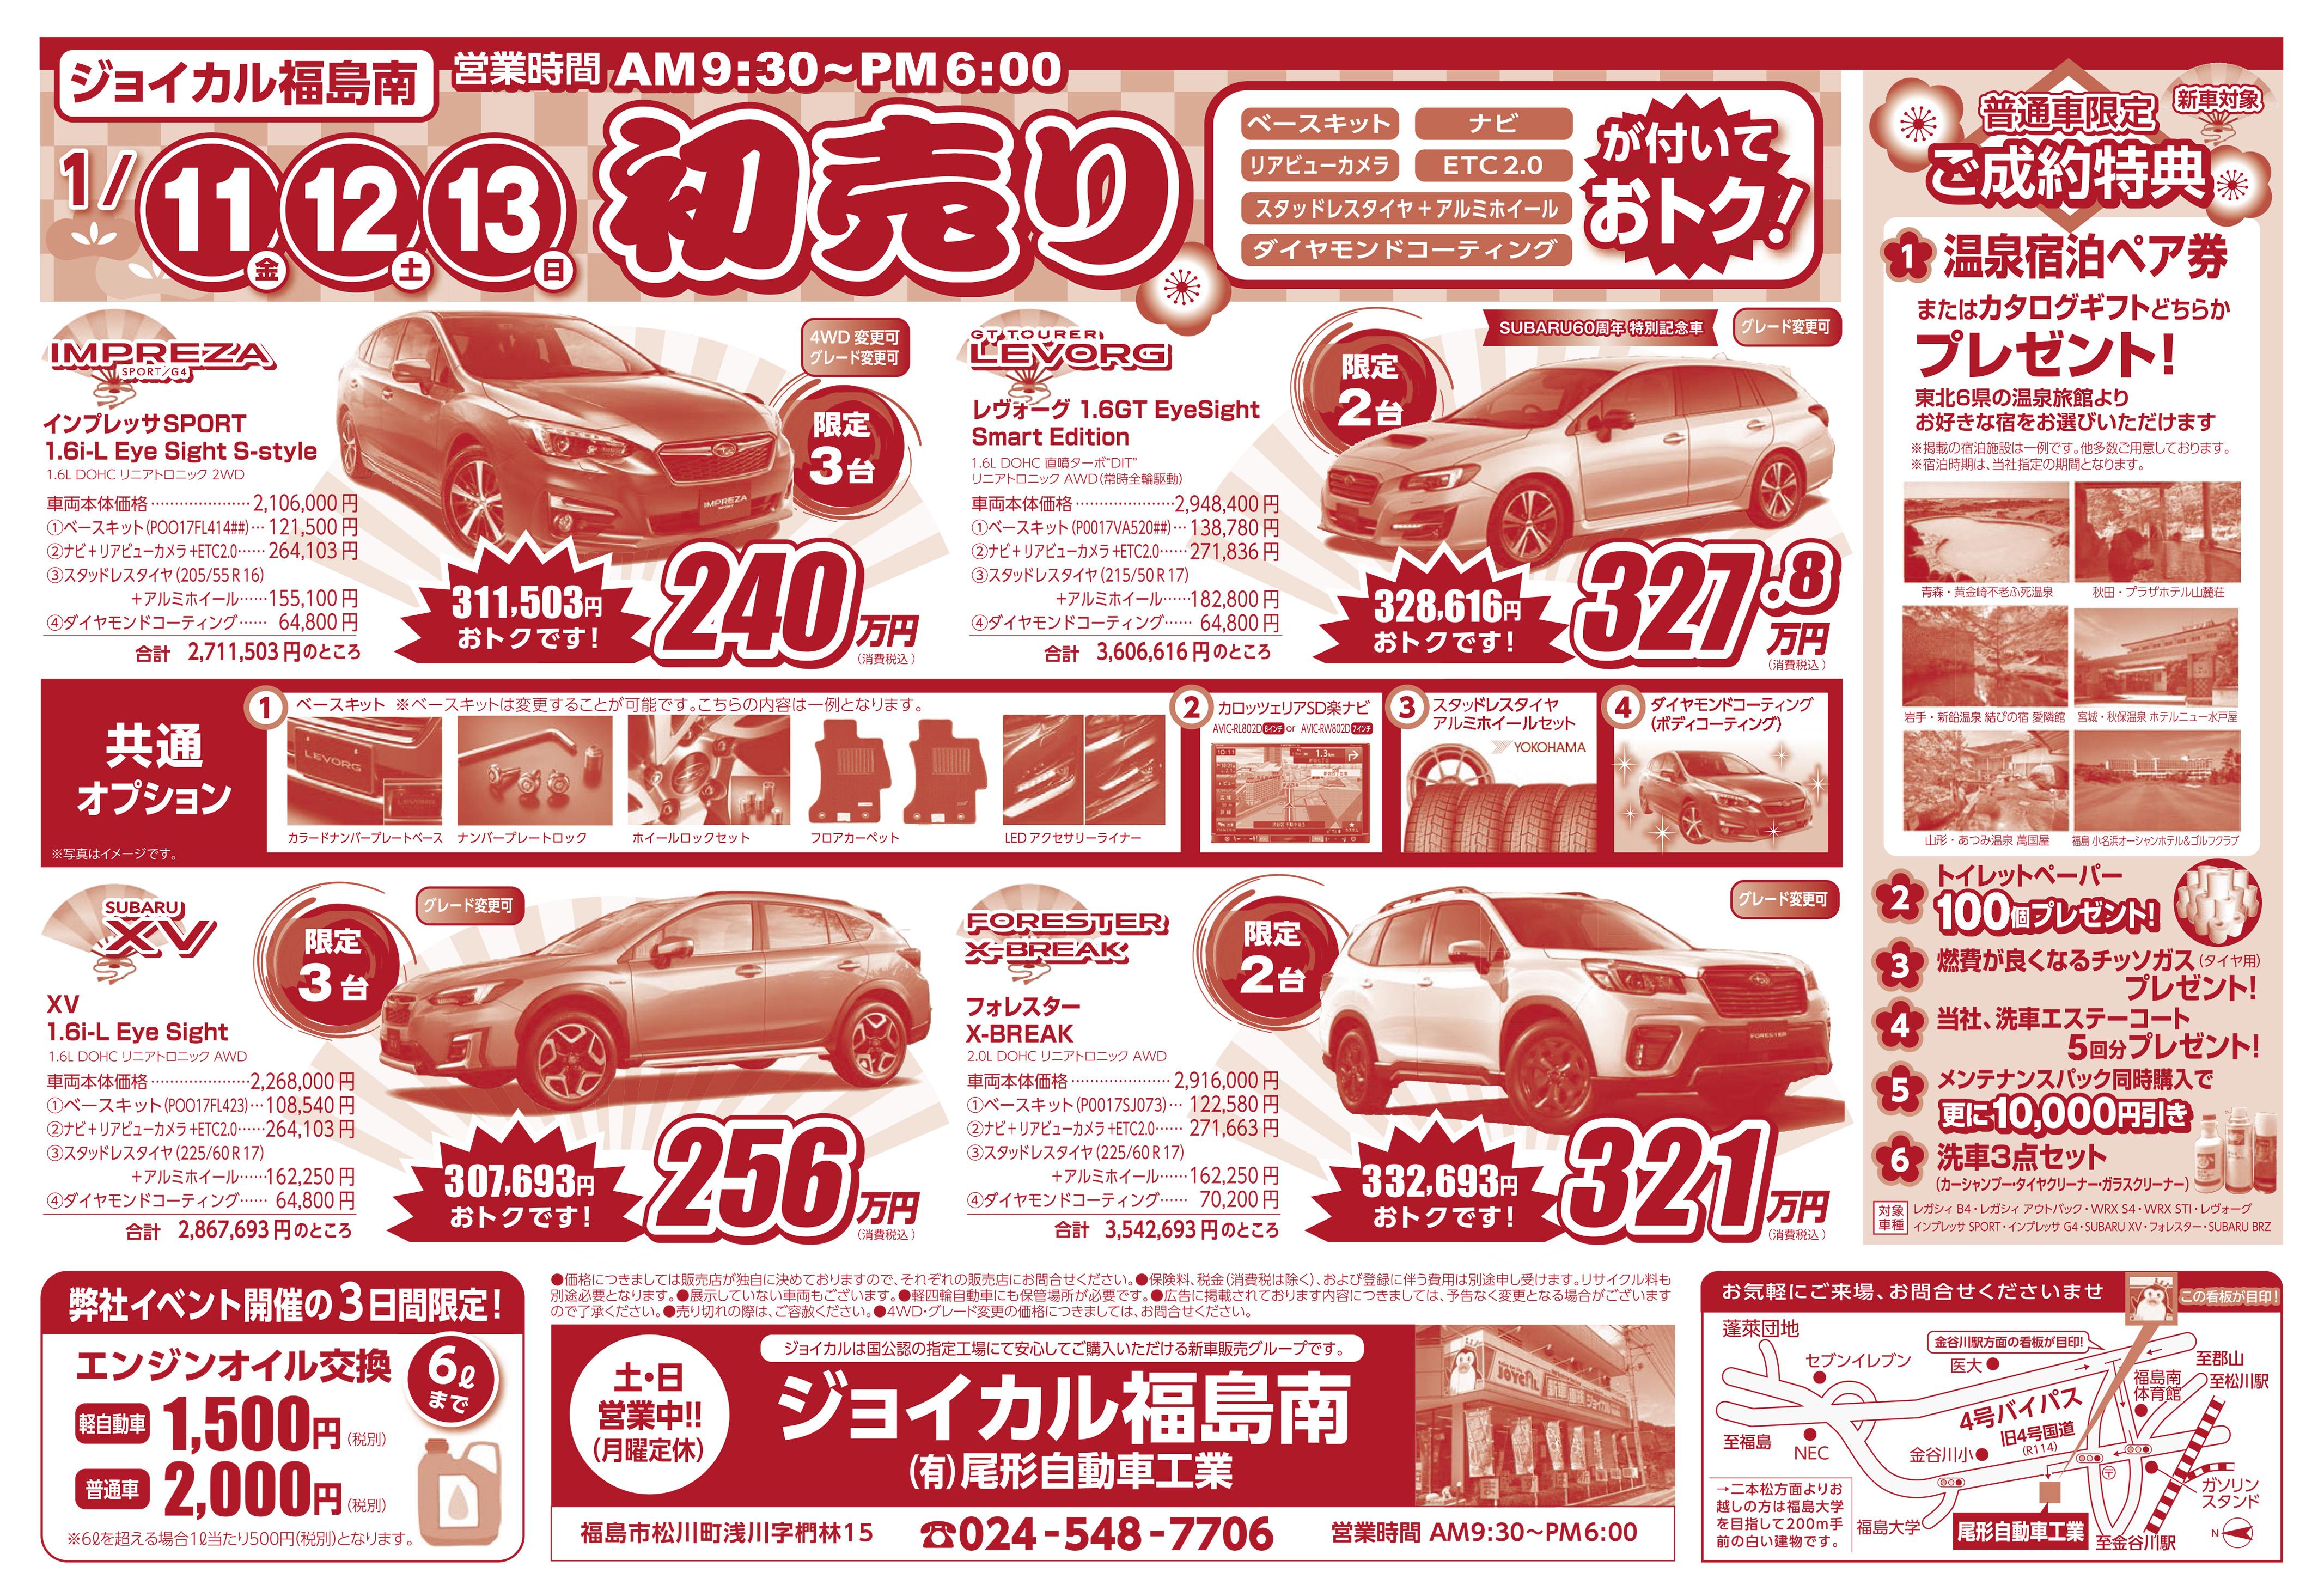 1/11・12・13 初売り 有限会社尾形自動車工業